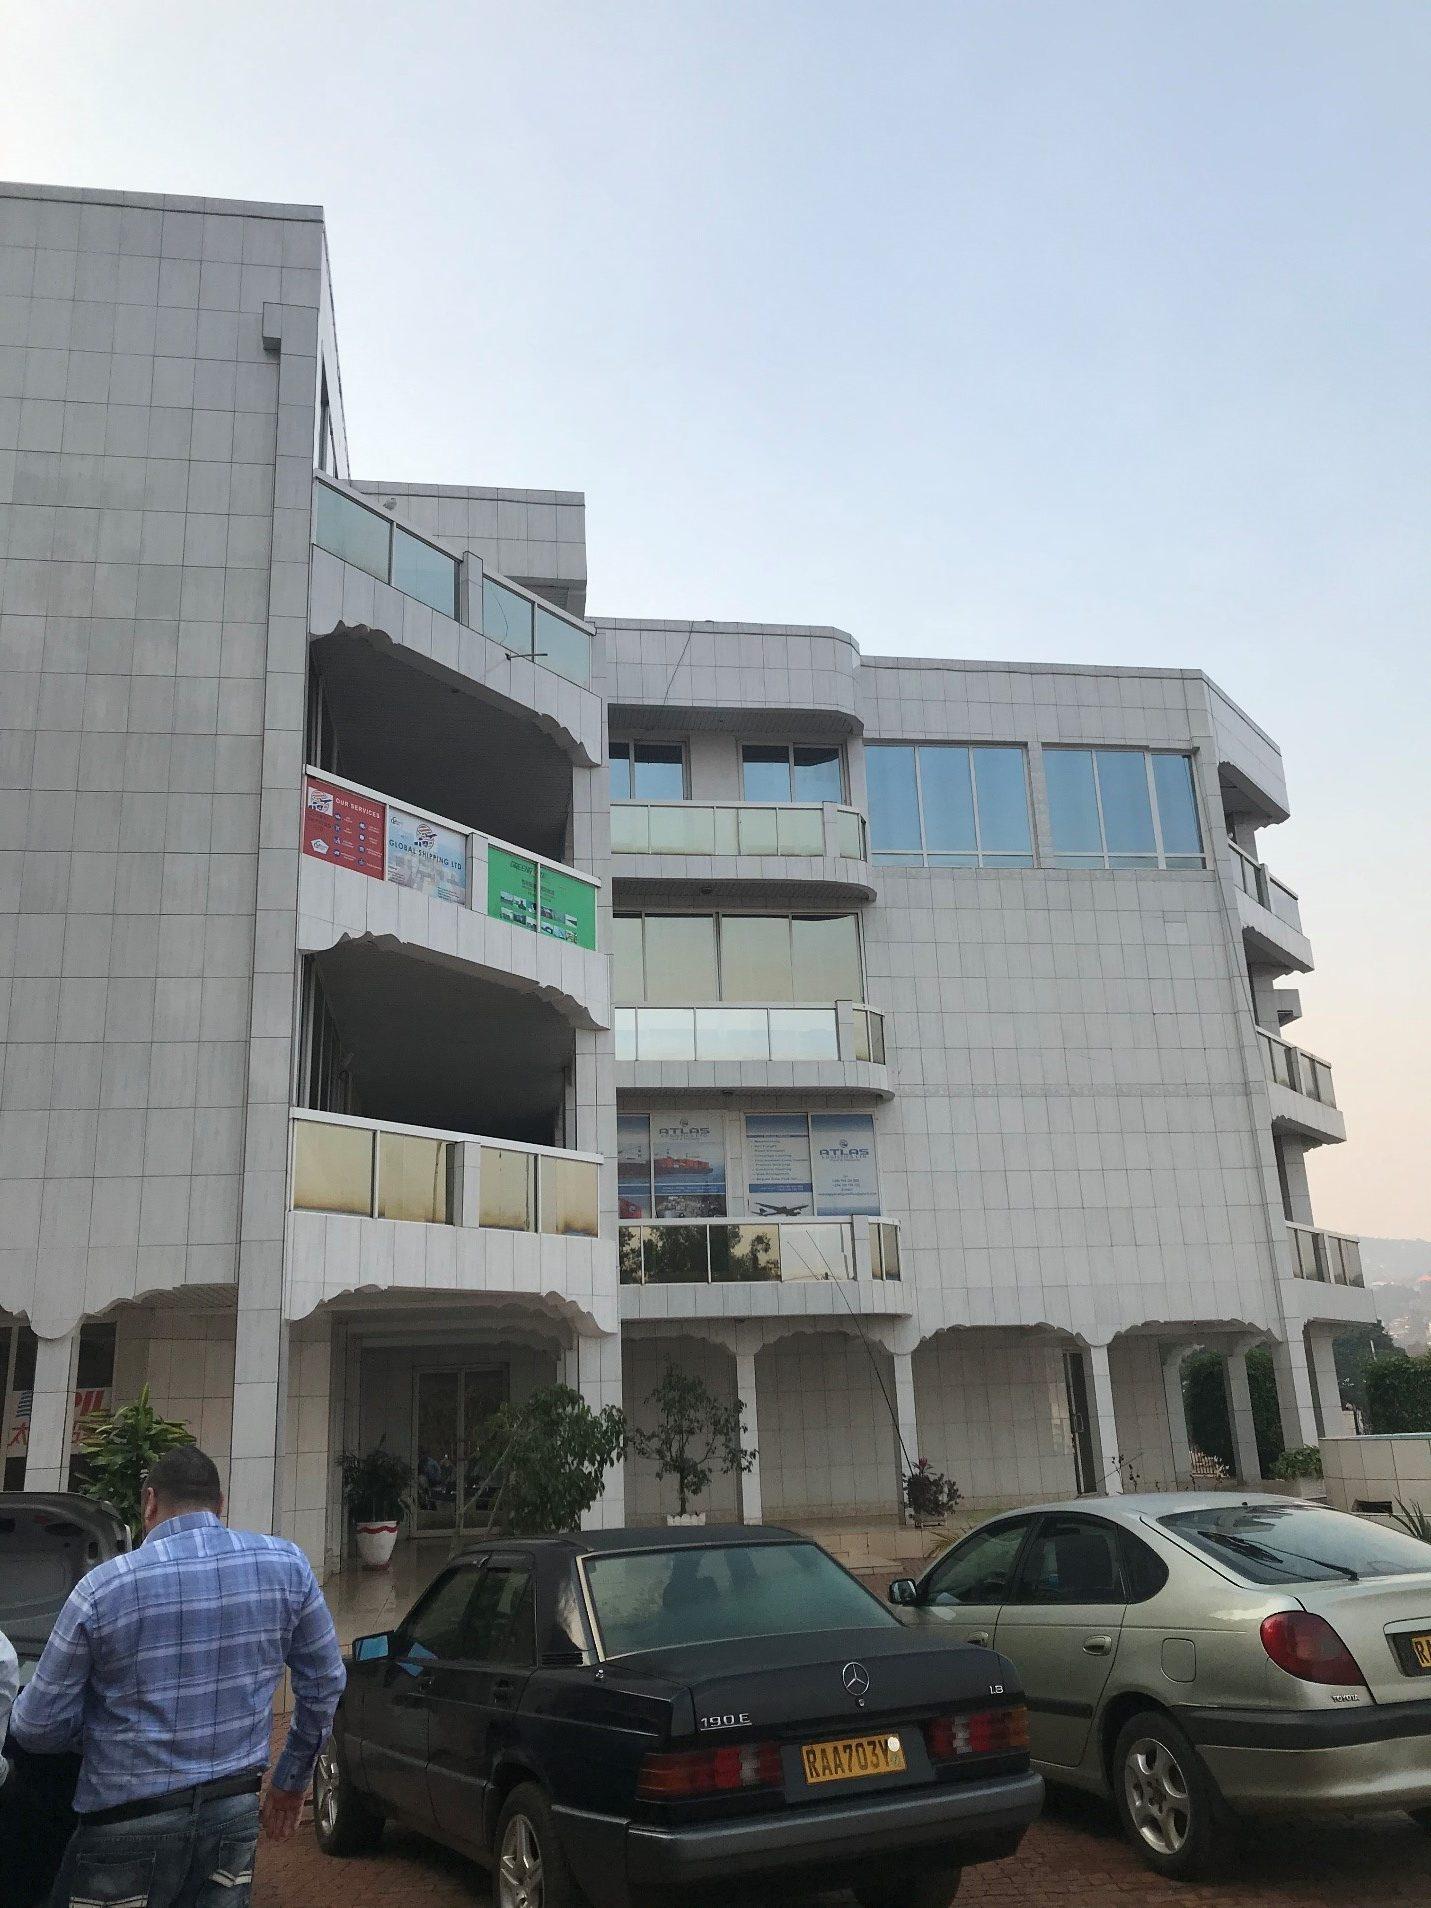 Photo couleur d'un immeuble de bureaux.